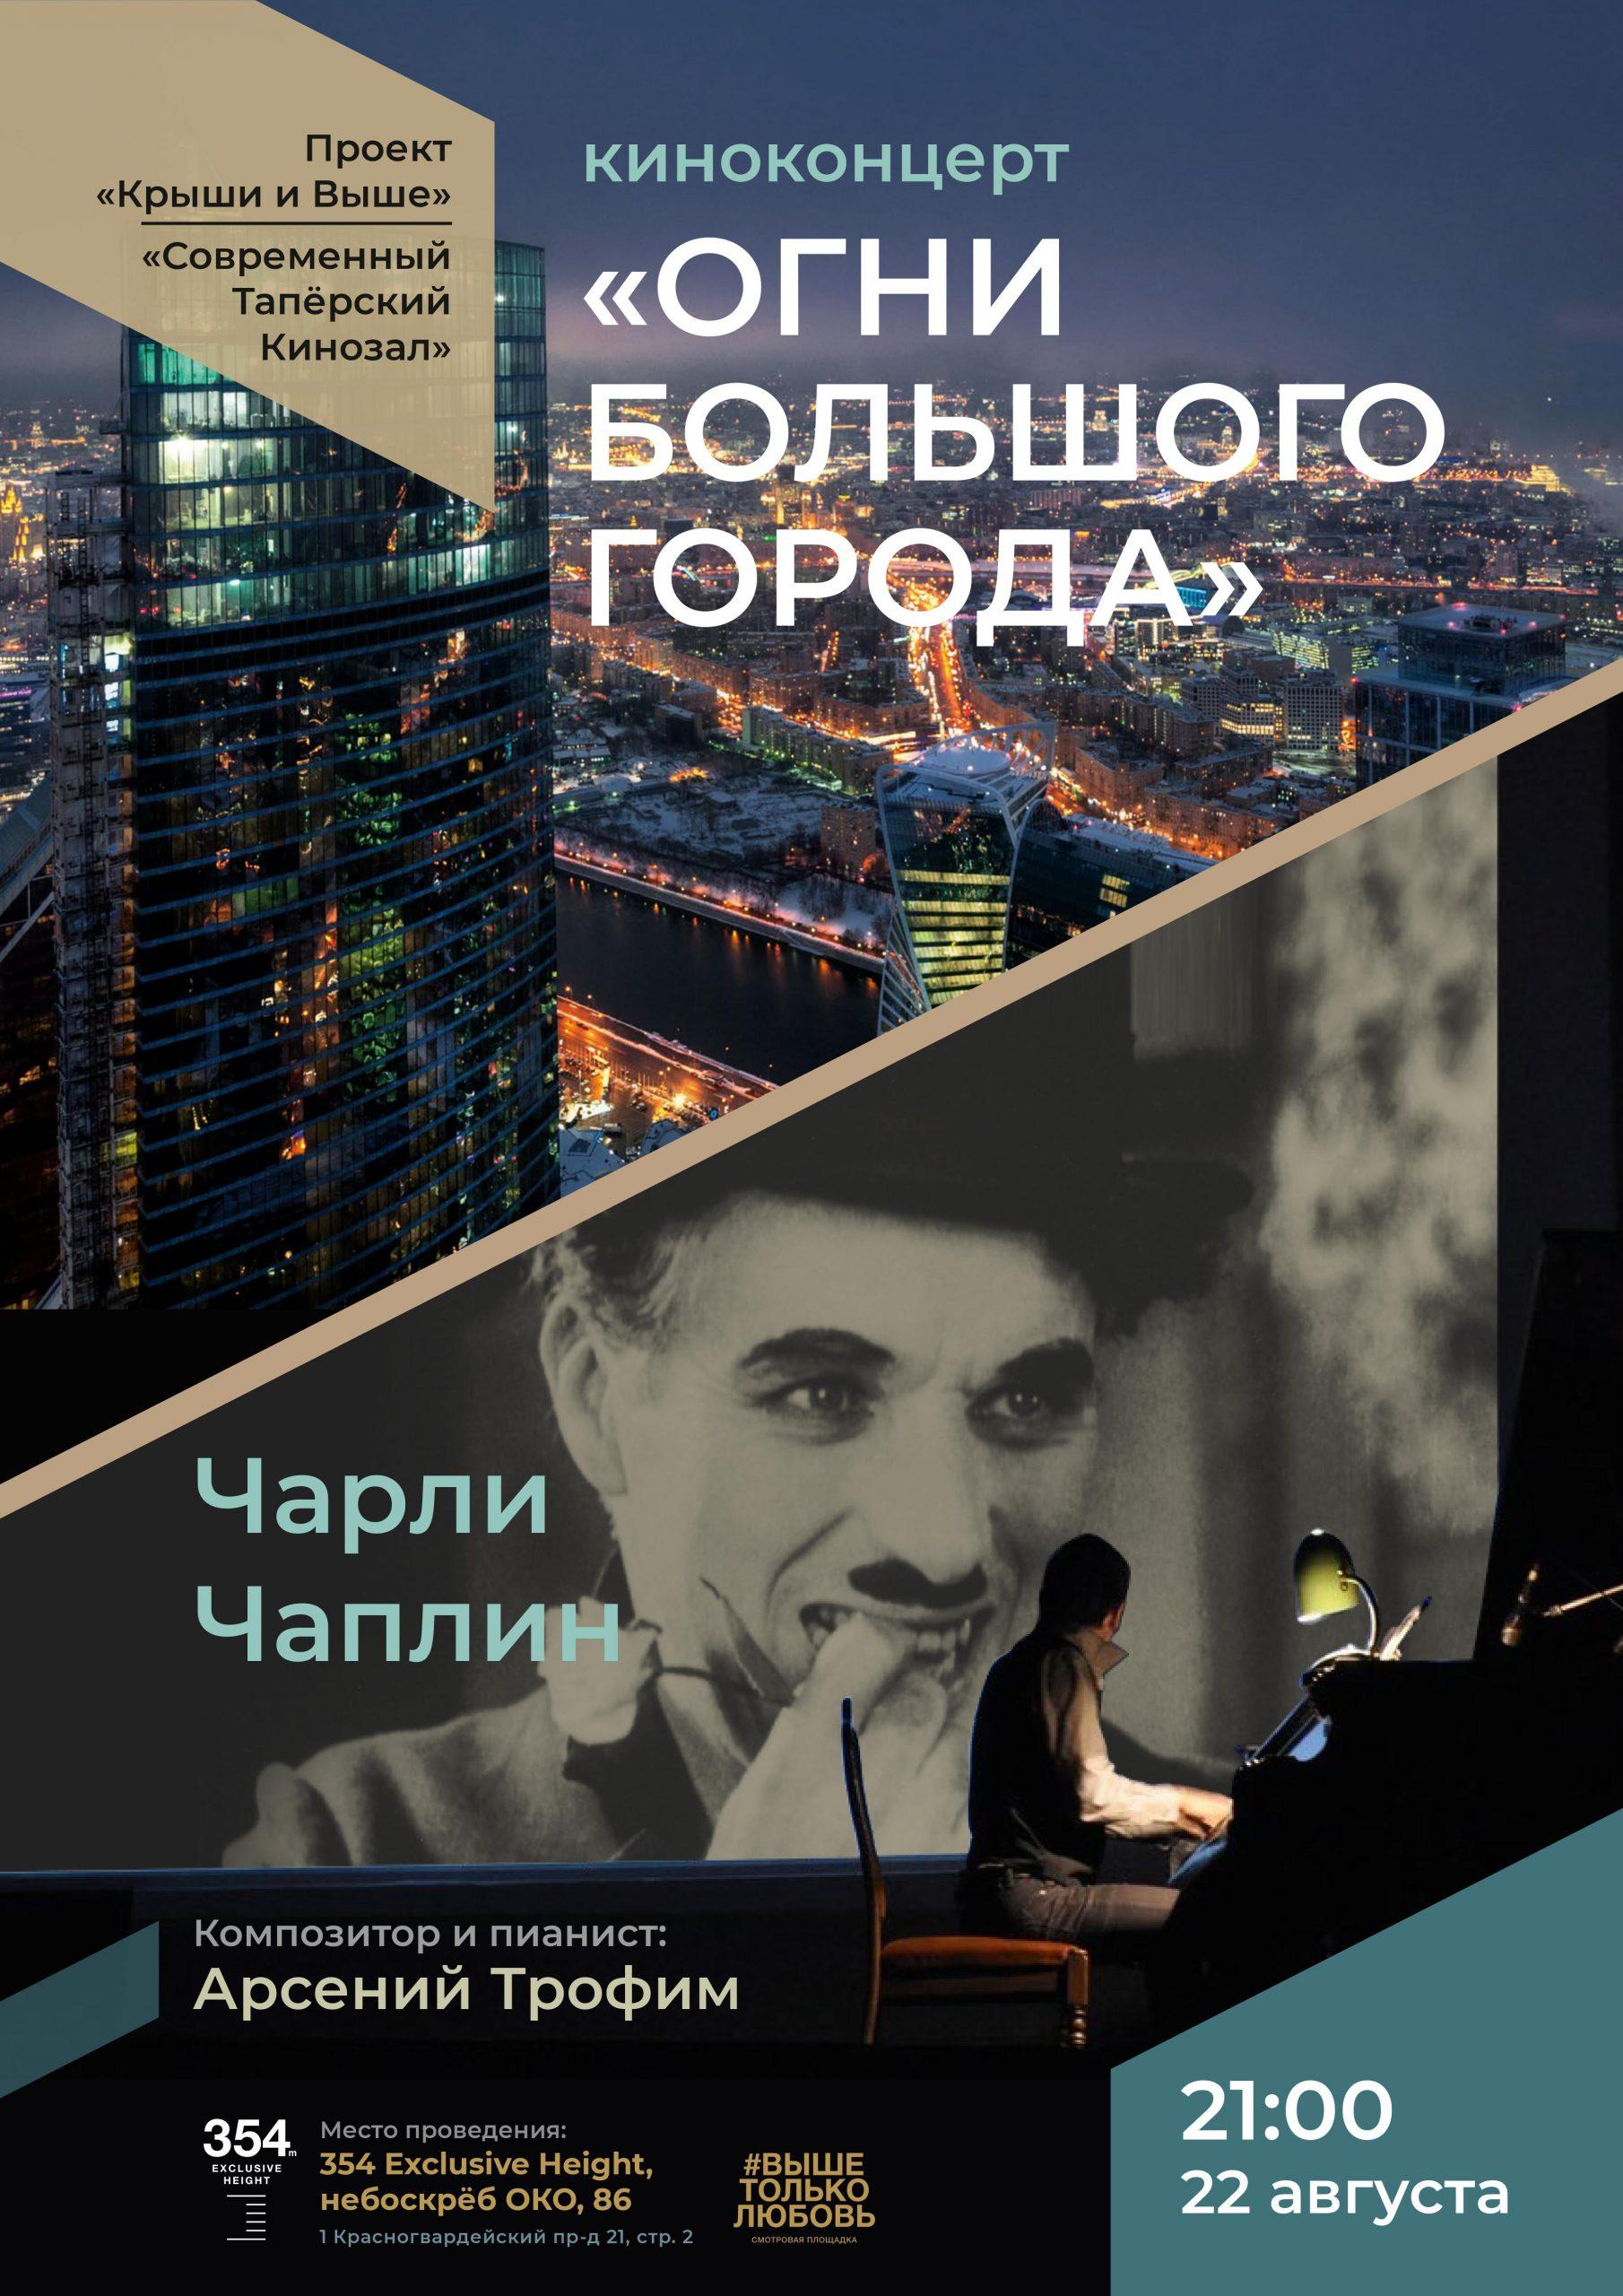 """Киноконцерт классики немого кино – фильма Чарли Чаплина """"Огни большого города"""""""